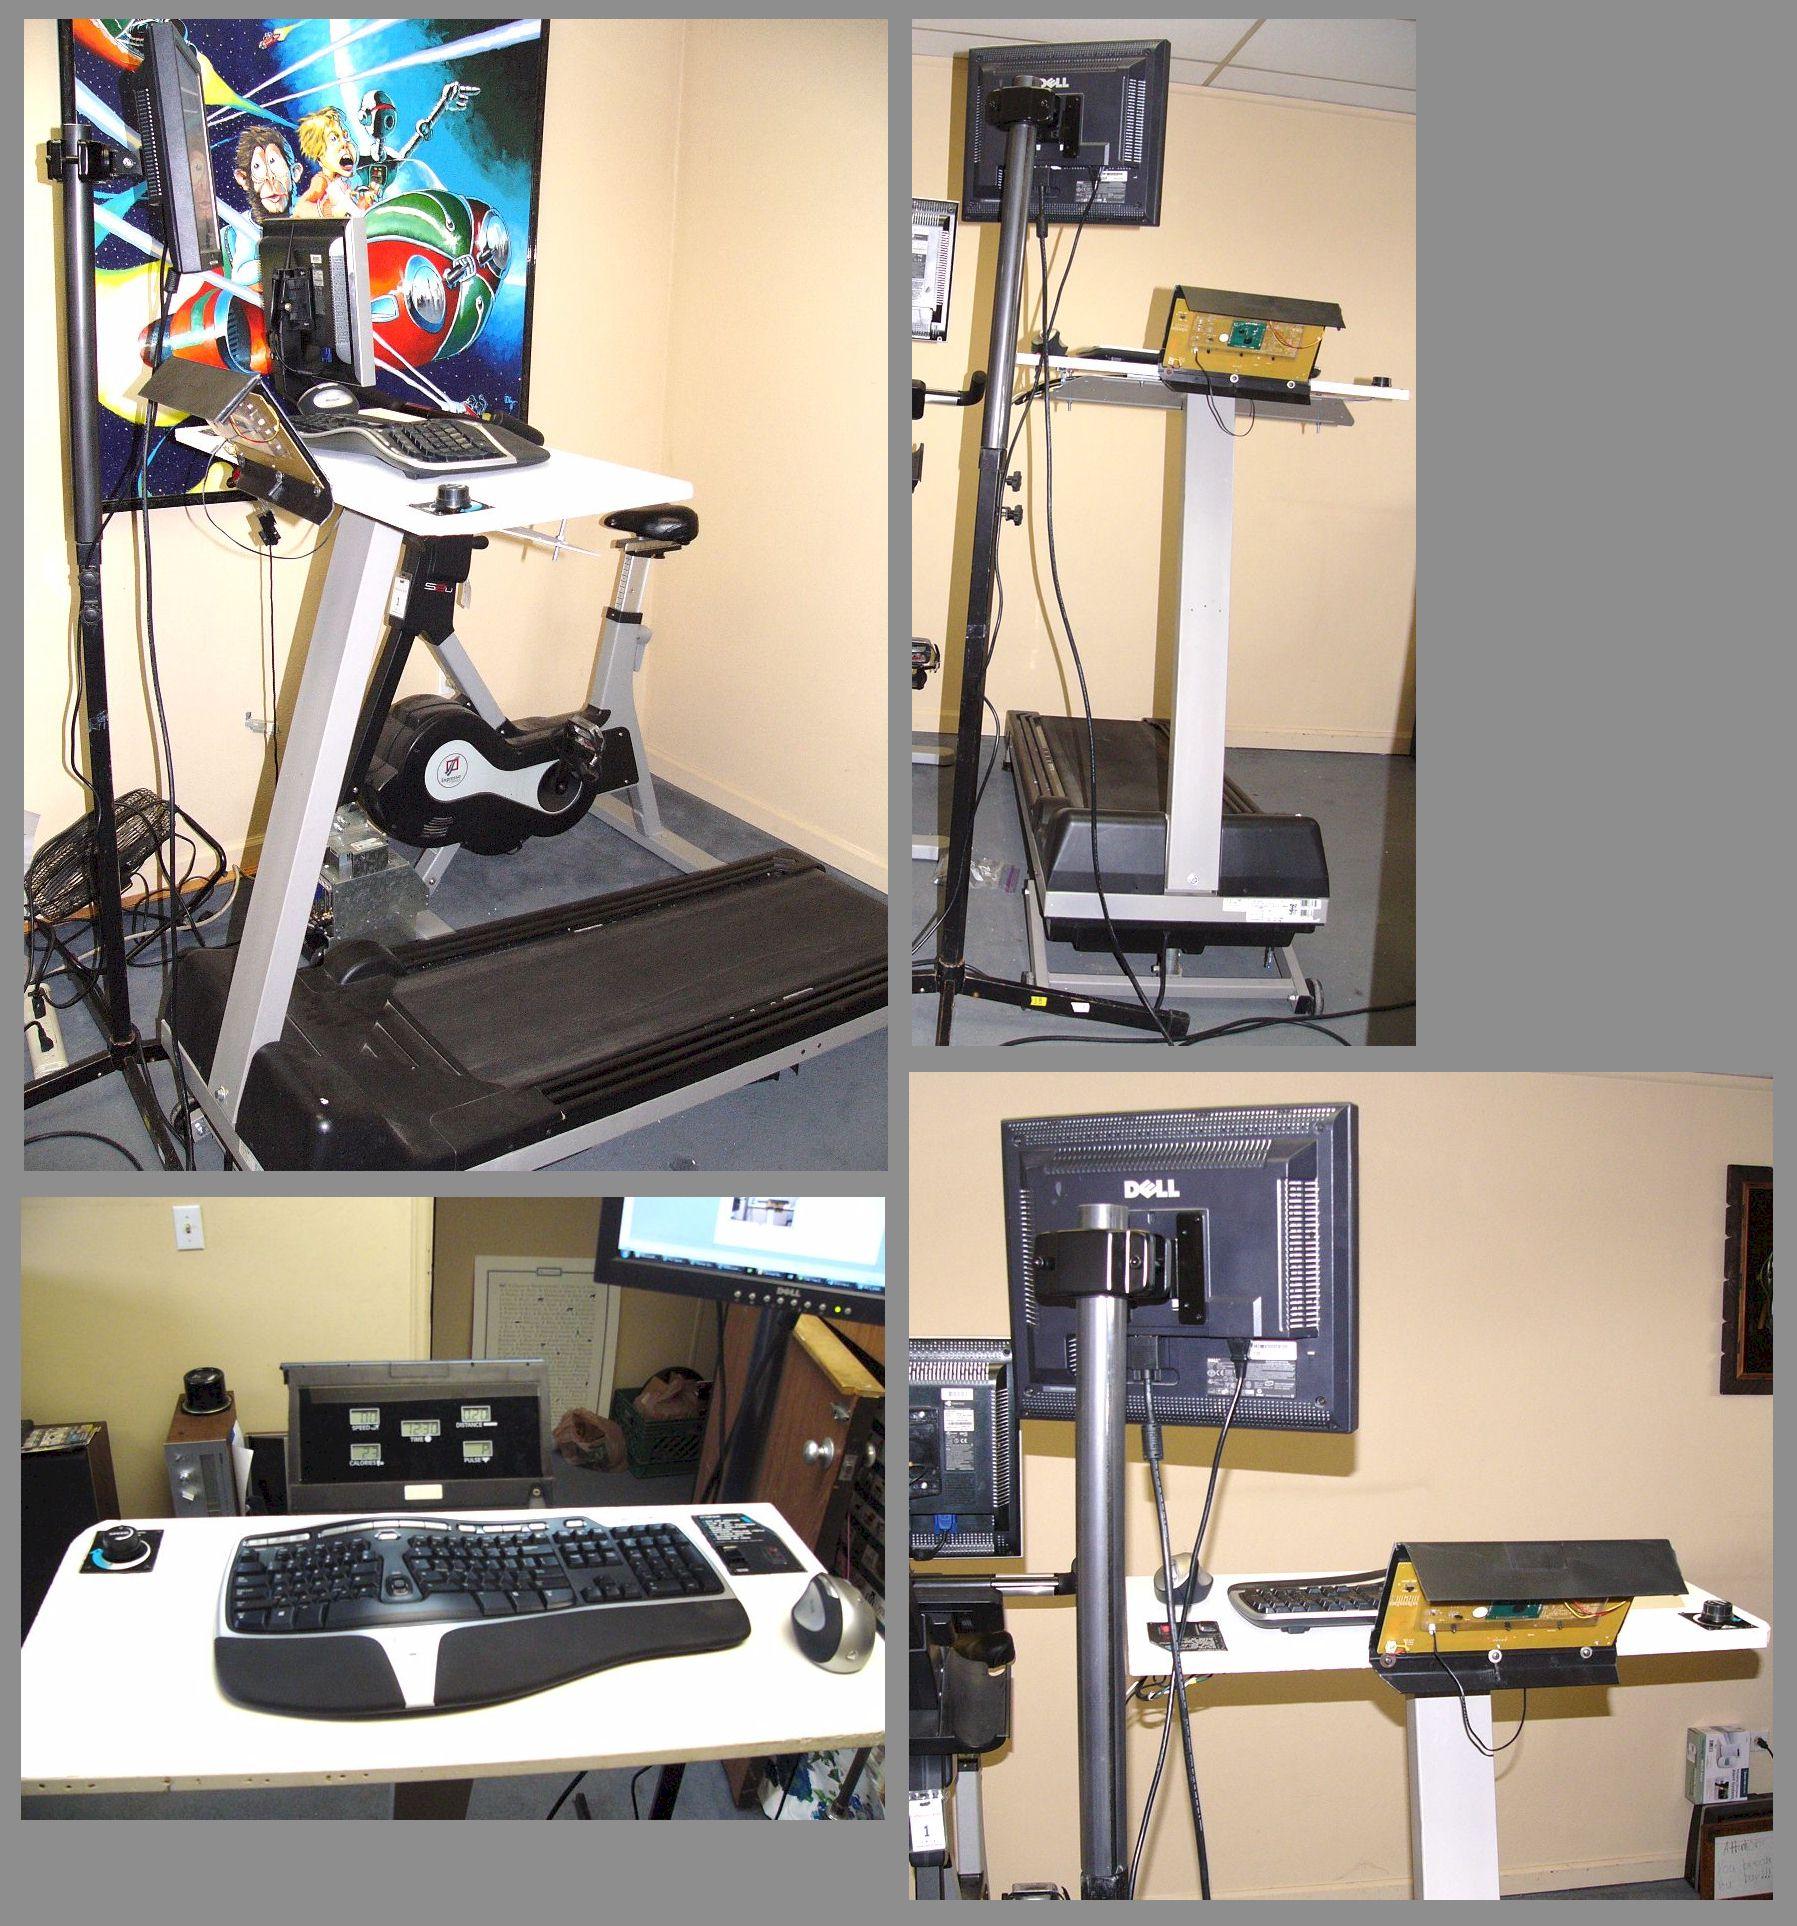 Treadmill Desk Cheap: DIY CHEAP TREADMILL DESK / HOW TO MAKE A CHEAP WALKING